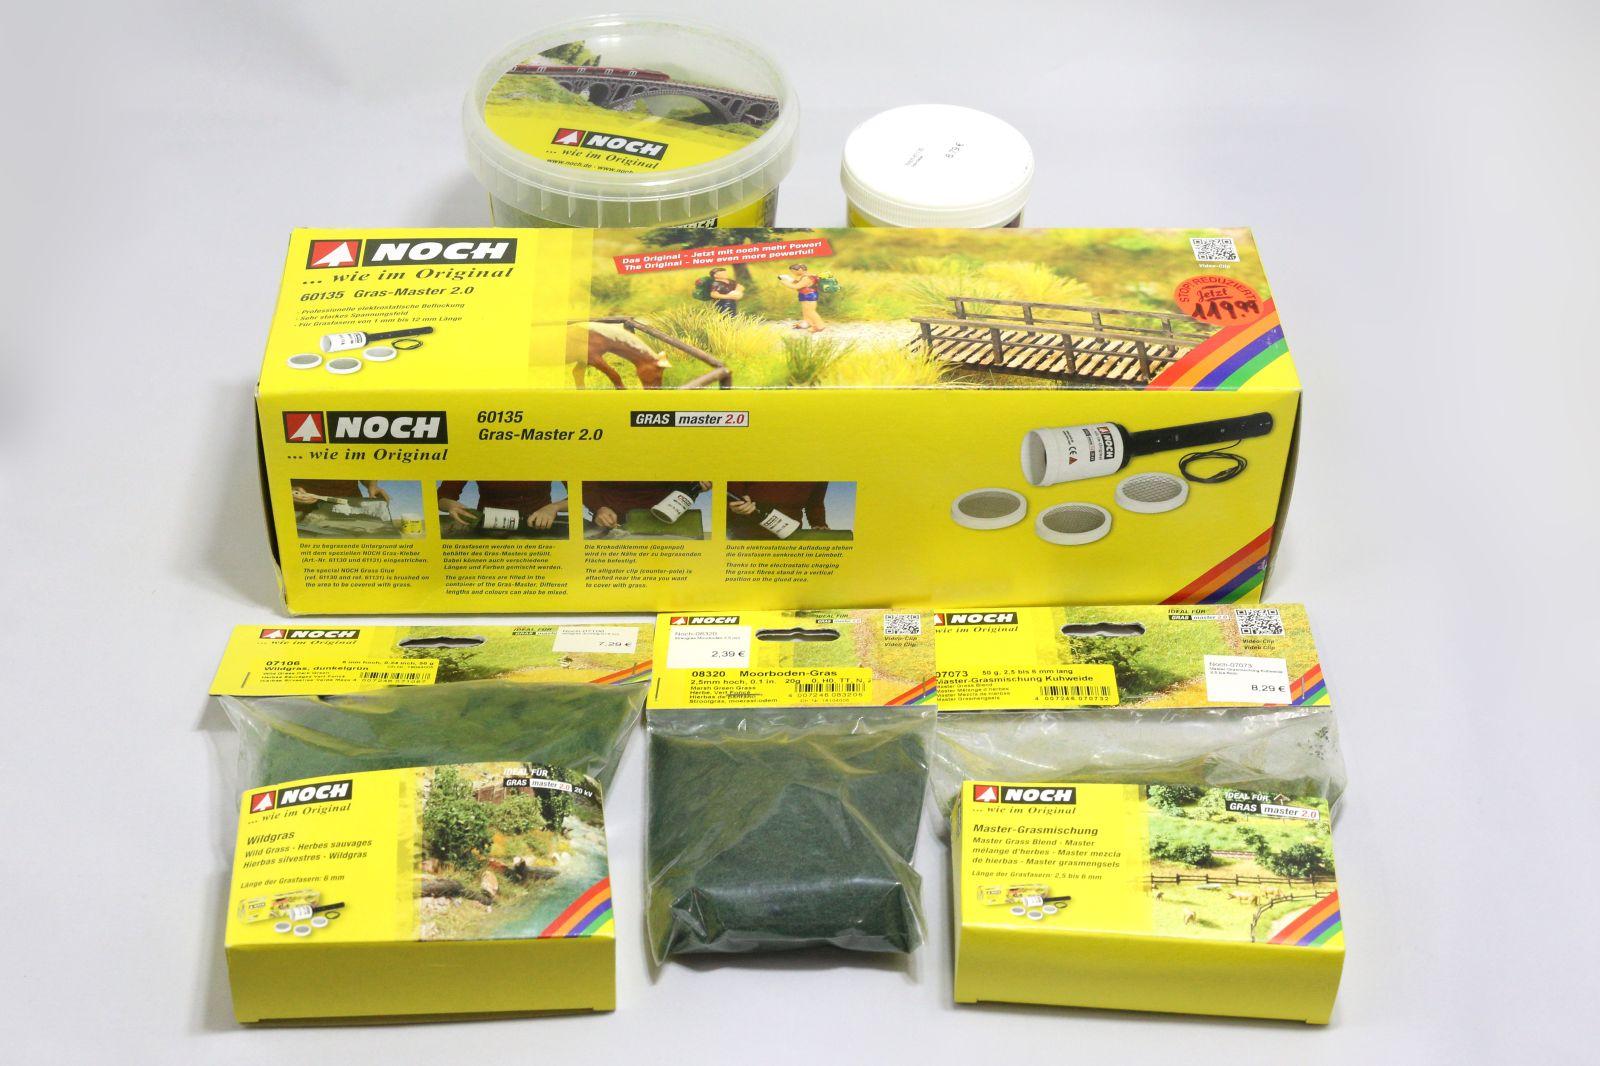 NOCH Gras-Master 2.0 Static Grass Applicator 60135